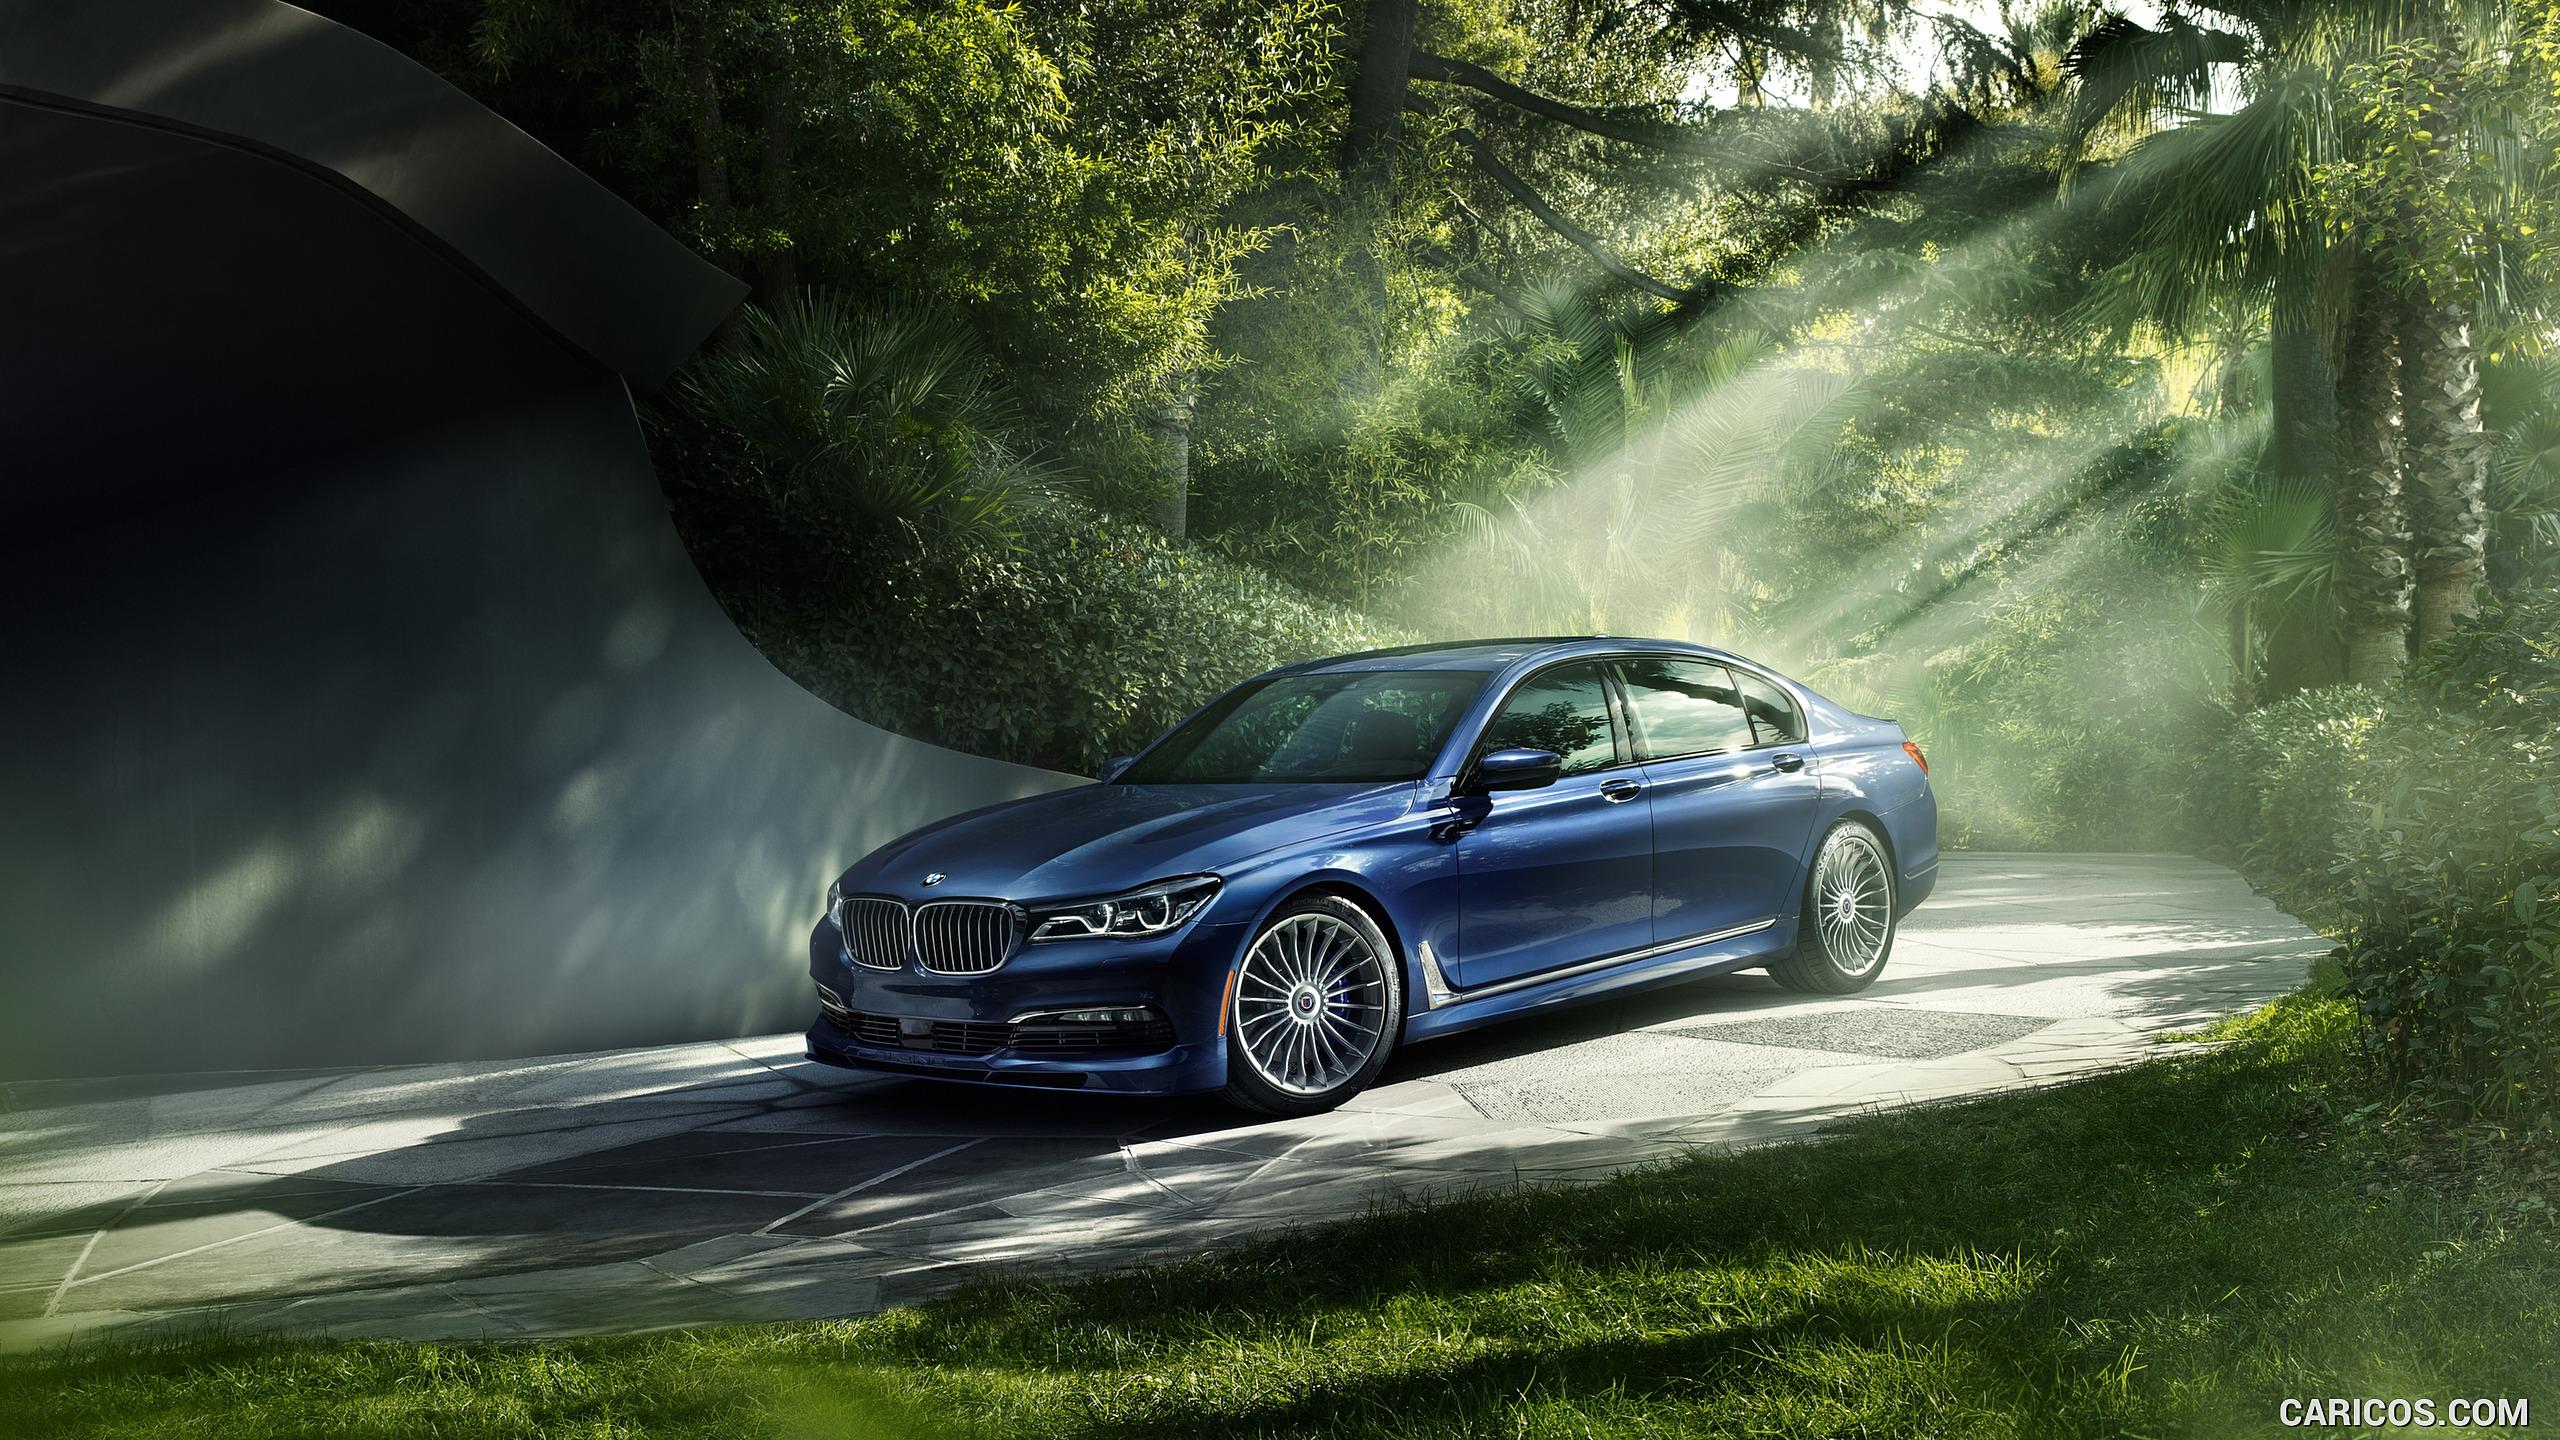 2017 ALPINA BMW B7 xDrive Blue   Front HD Wallpaper 12 2560x1440